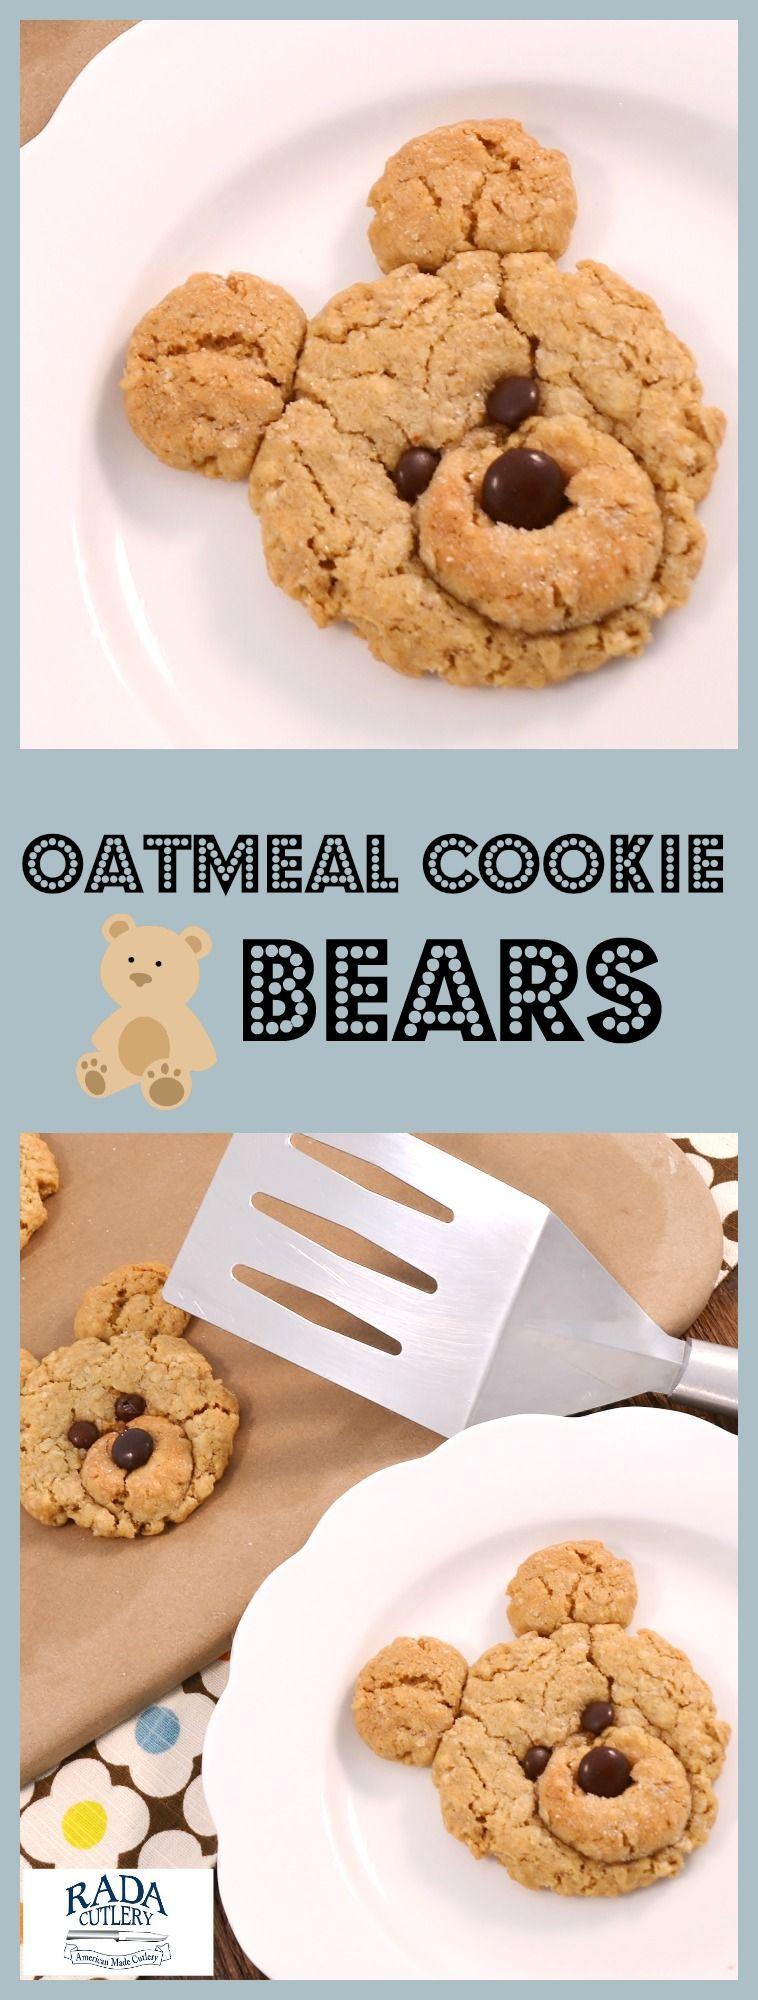 Oatmeal Bear Cookies Recipe Cute Oatmeal Cookies Recipe Cookie Recipes For Kids Bear Cookies Cookies For Kids